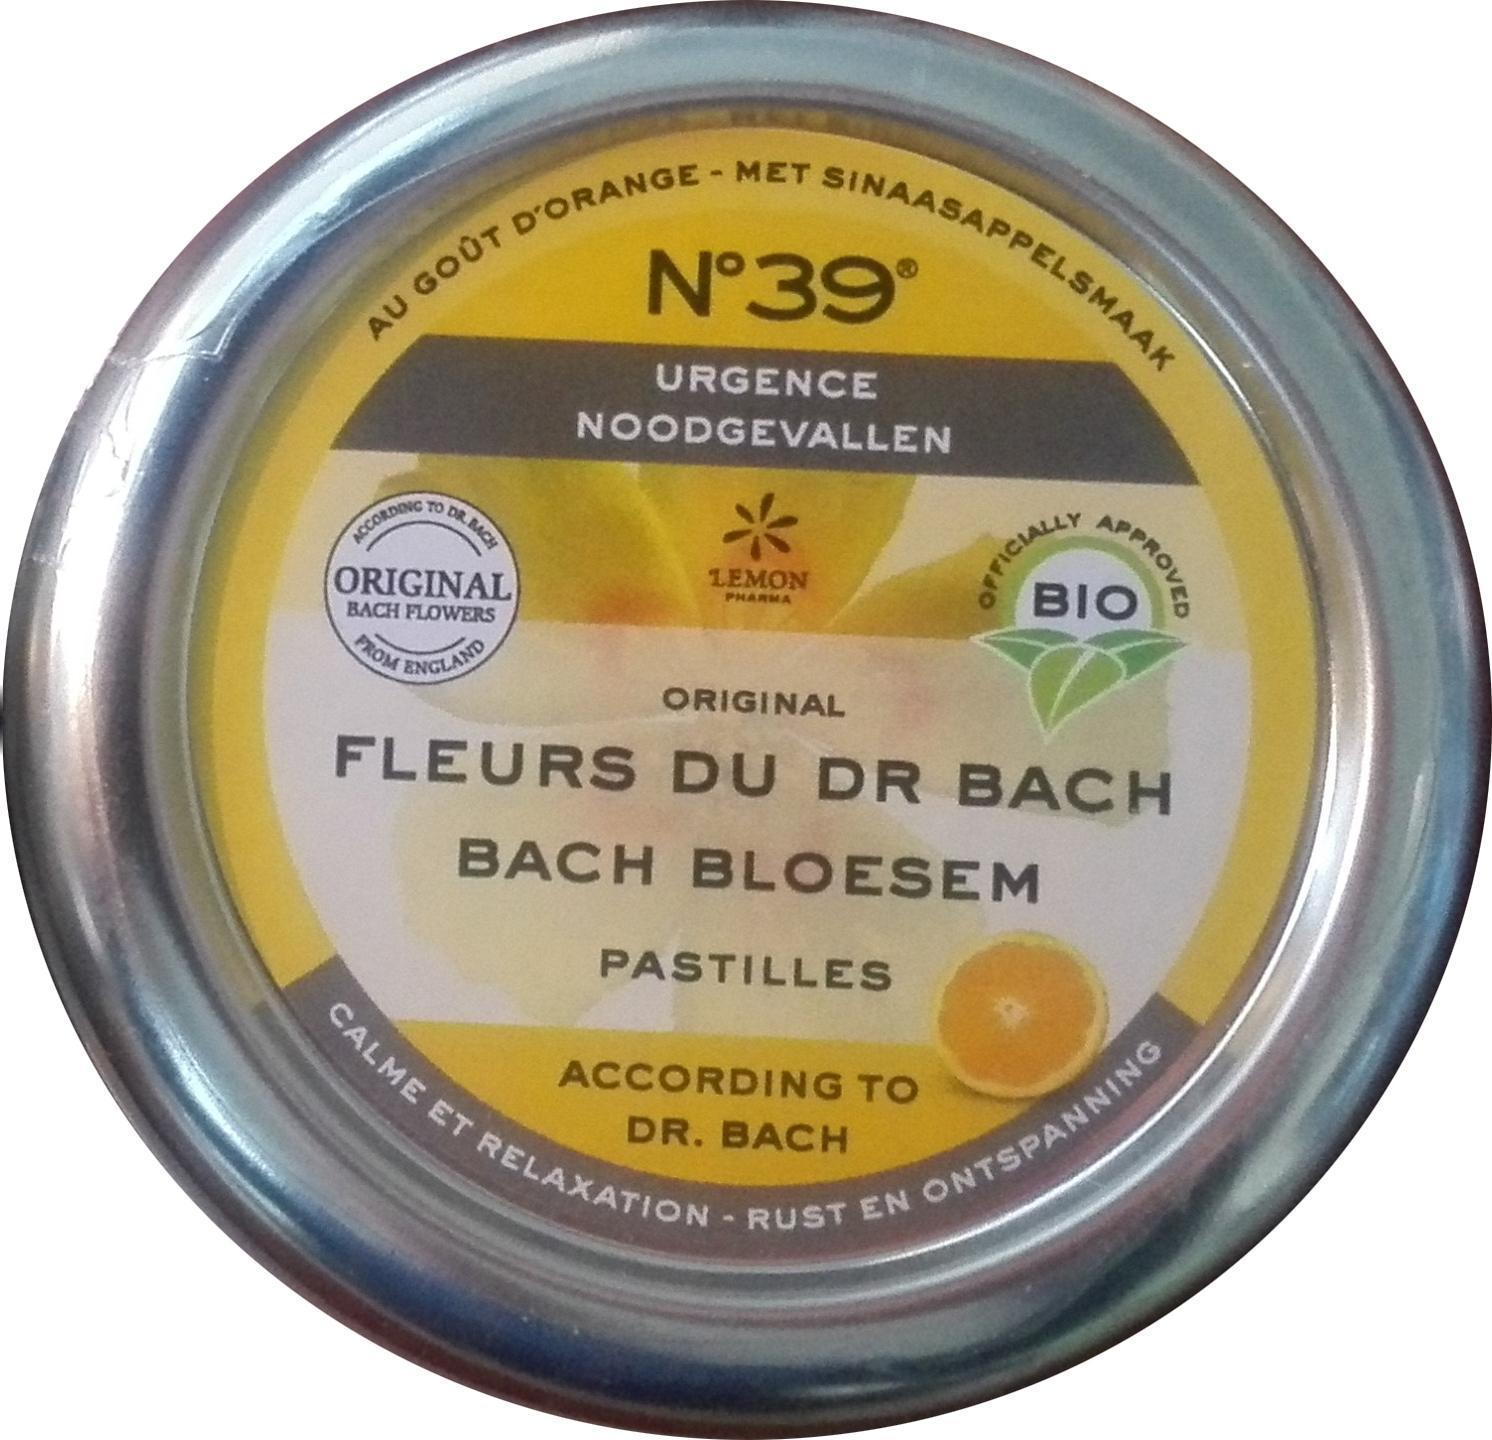 Biologische No.39 Noodgevallen pastilles 50 gr